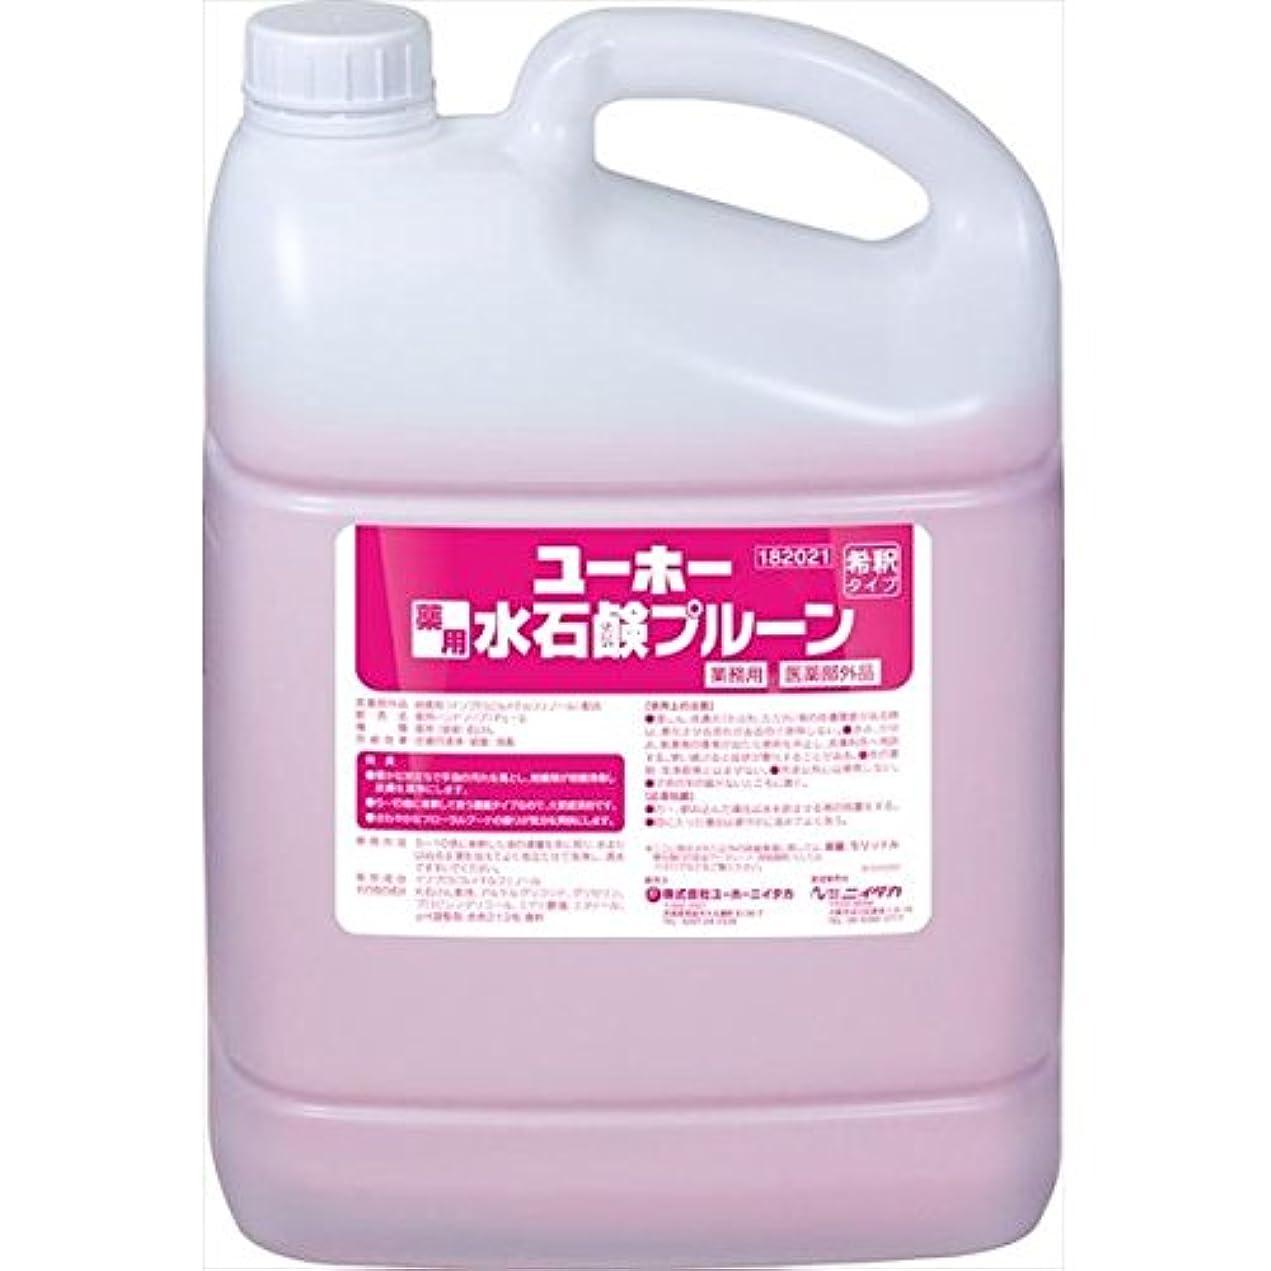 成長する成果ガイダンスユーホーニイタカ:薬用水石鹸プルーン 5L×2 181021